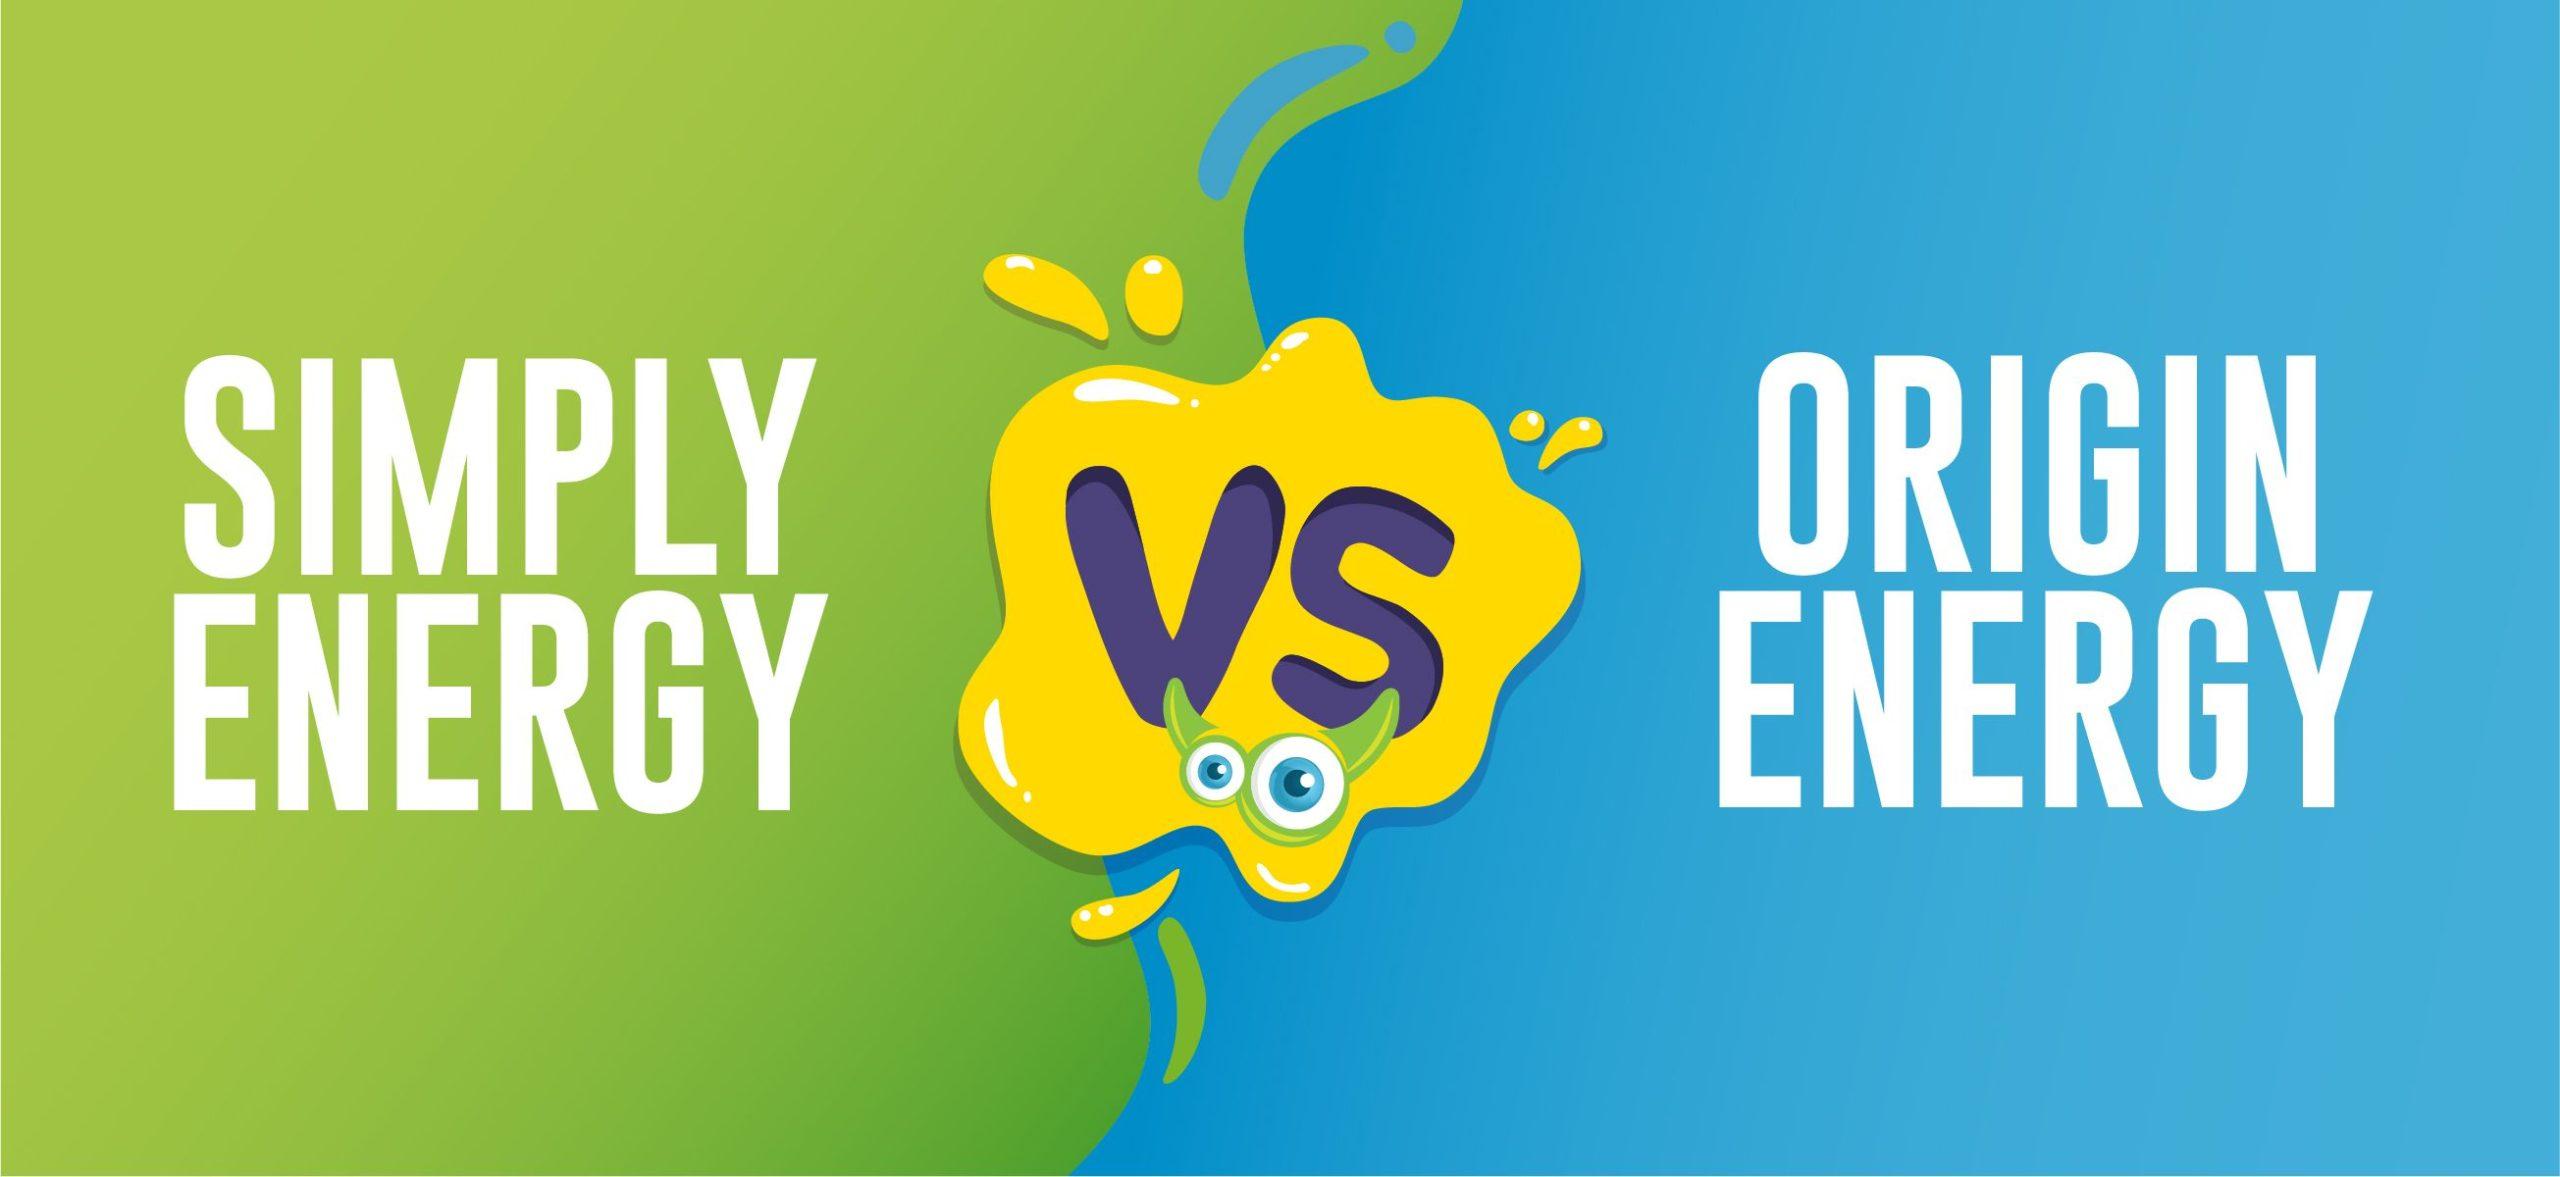 Simply vs ORIGIN compressor